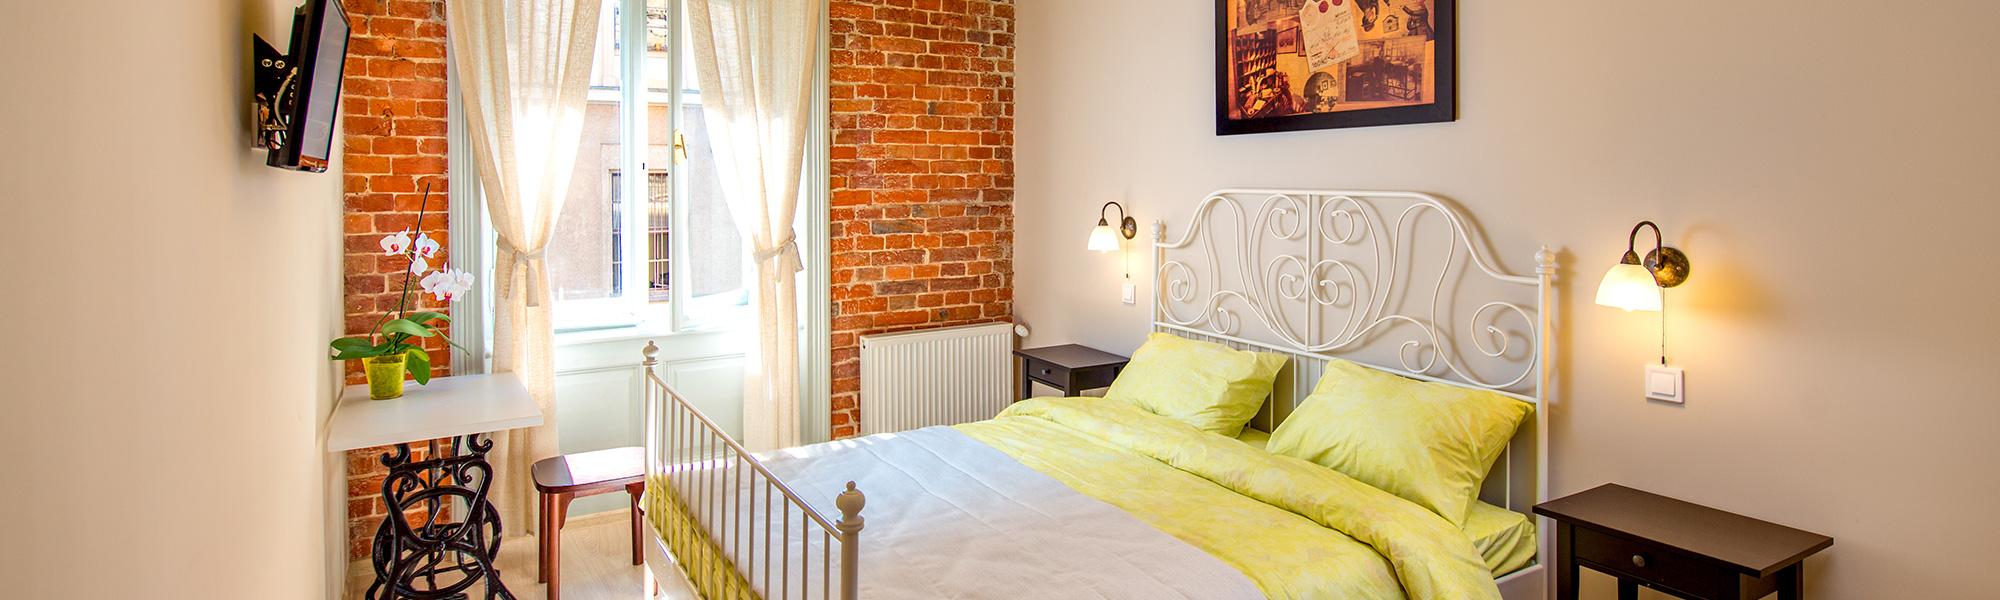 Номер на двоих с большой кроватью и ванной комнатой в Post House Hostel Львов